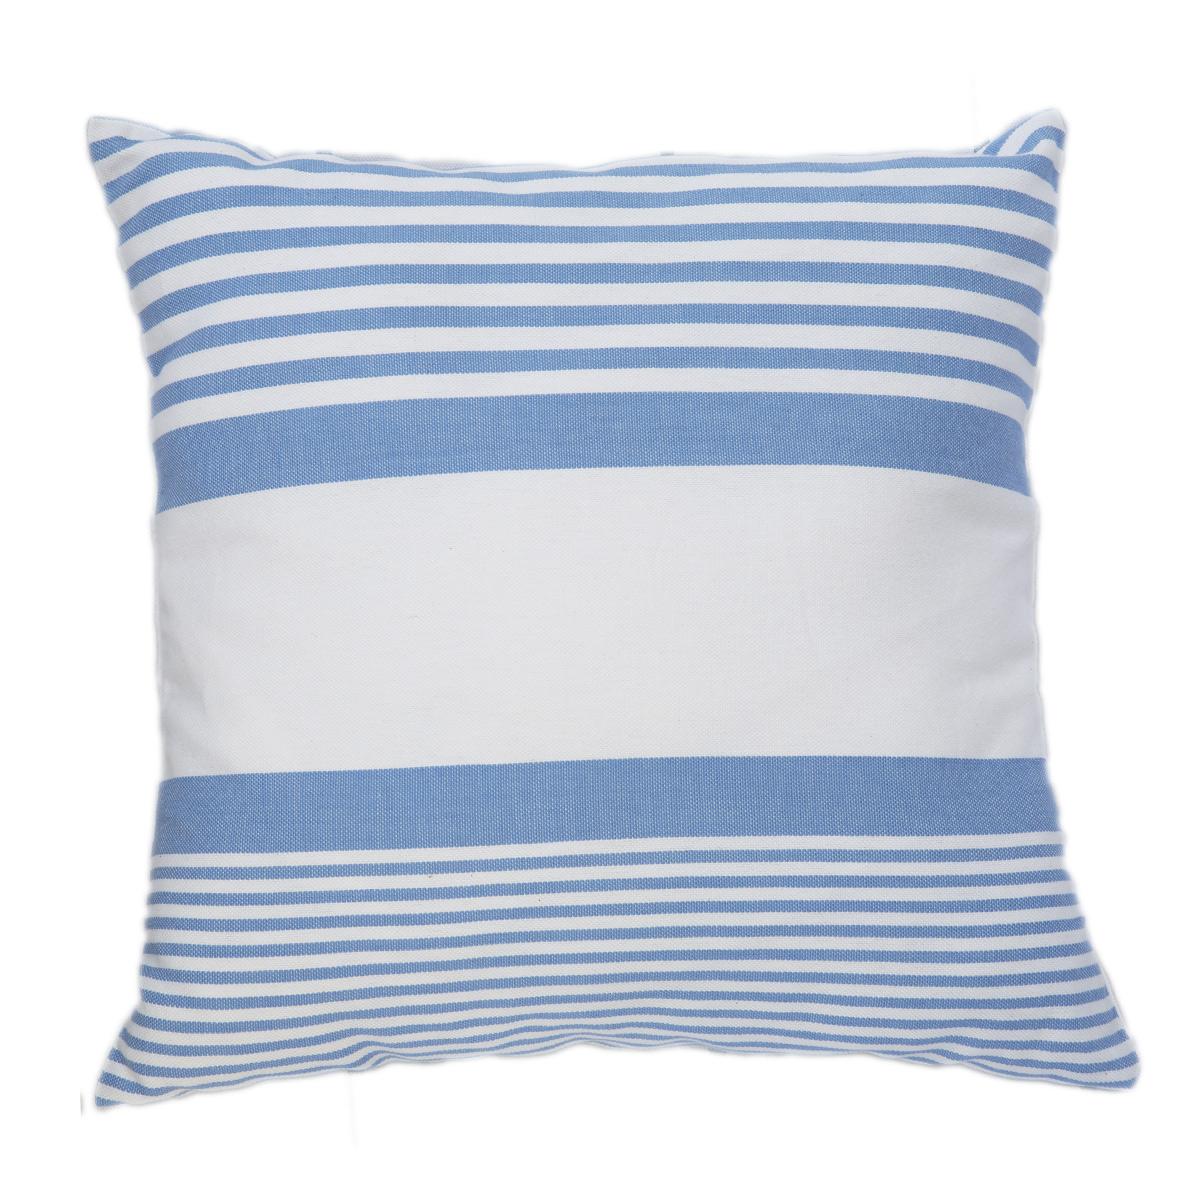 CARTHAGE - Housse de coussin coton rayures bleu fond blanc 40 x 40